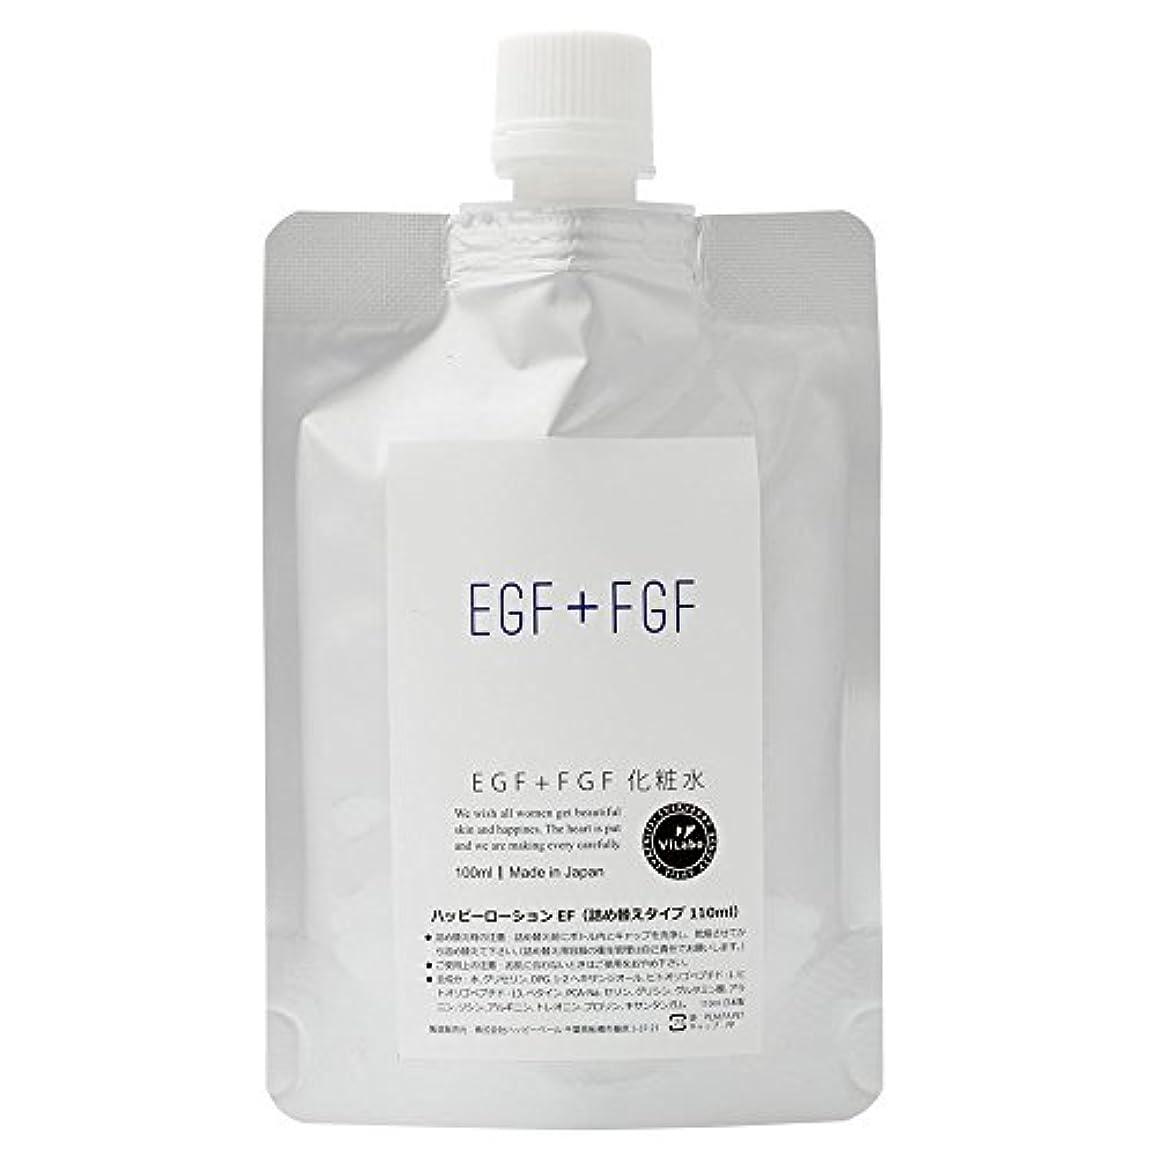 思いやりのある生じるいわゆるViLabo EGF+FGF化粧水 (販売名:ハッピーローションEF)110ml 詰め替え用パウチ